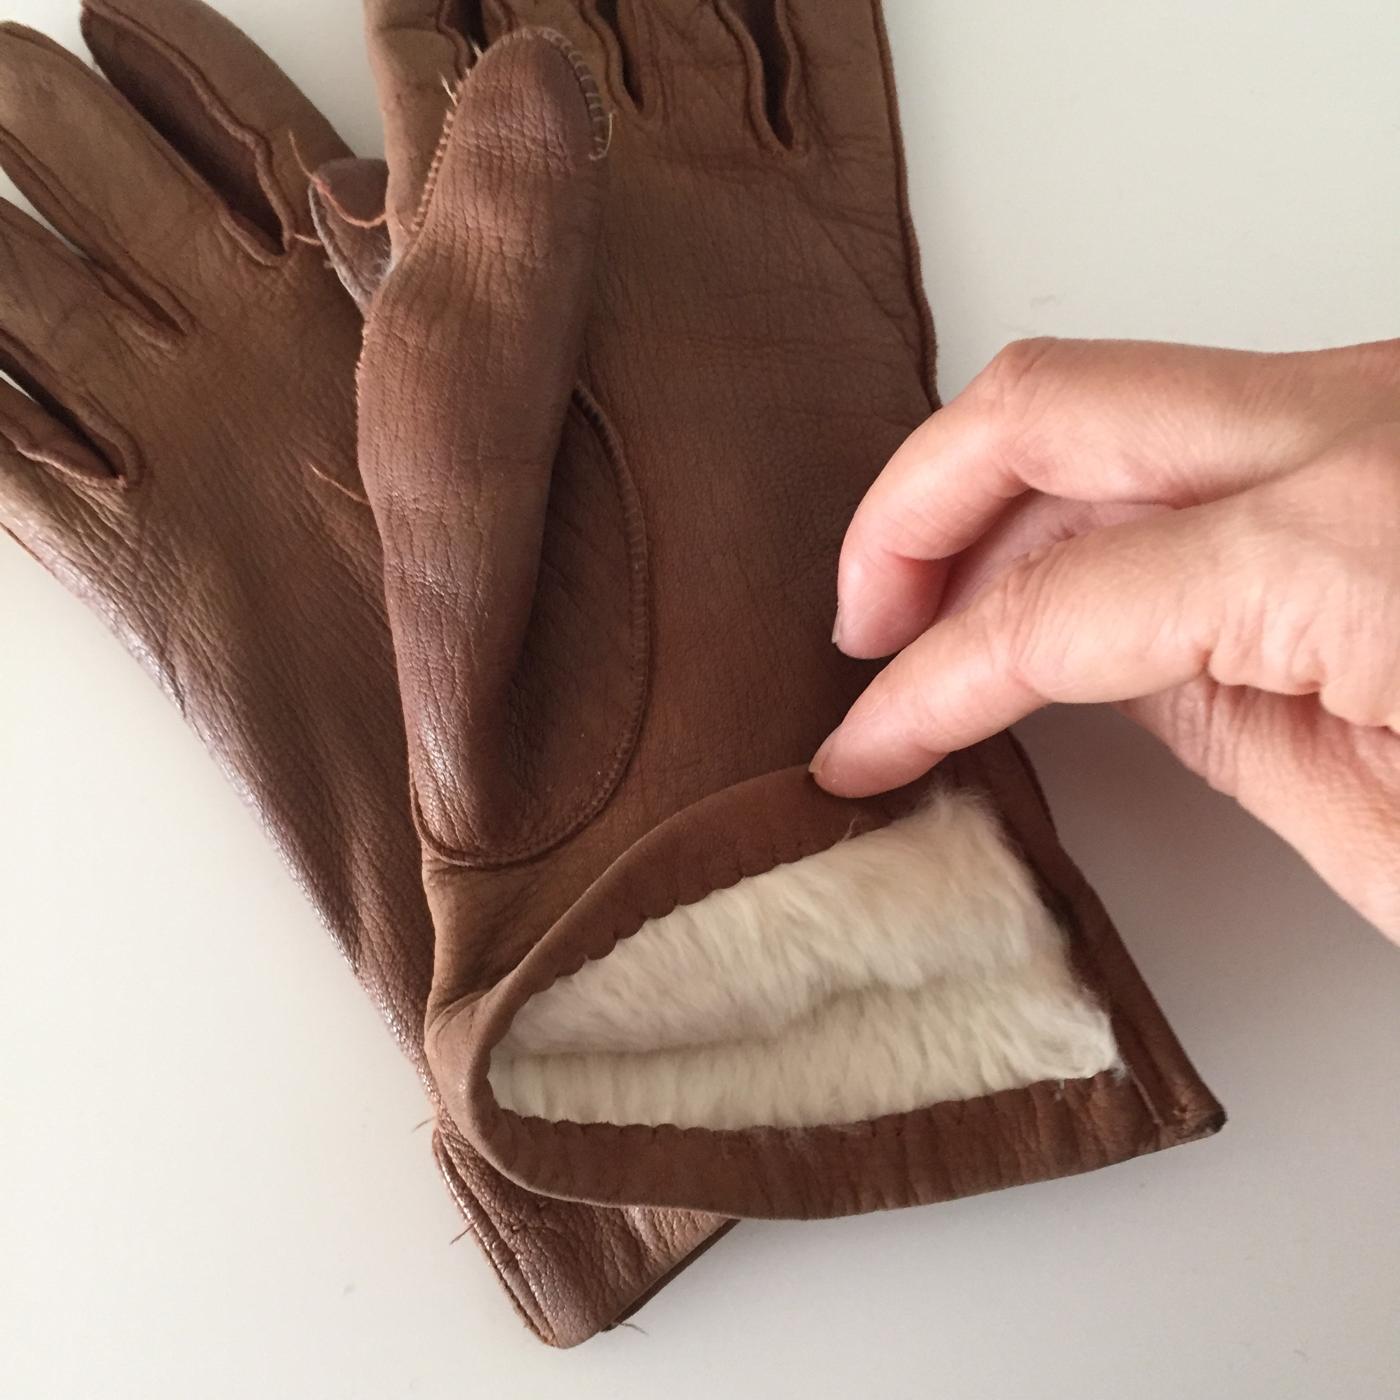 フィレンツェに行ったら手袋を買うべき。二十年間使った今、良かった点を書きます。